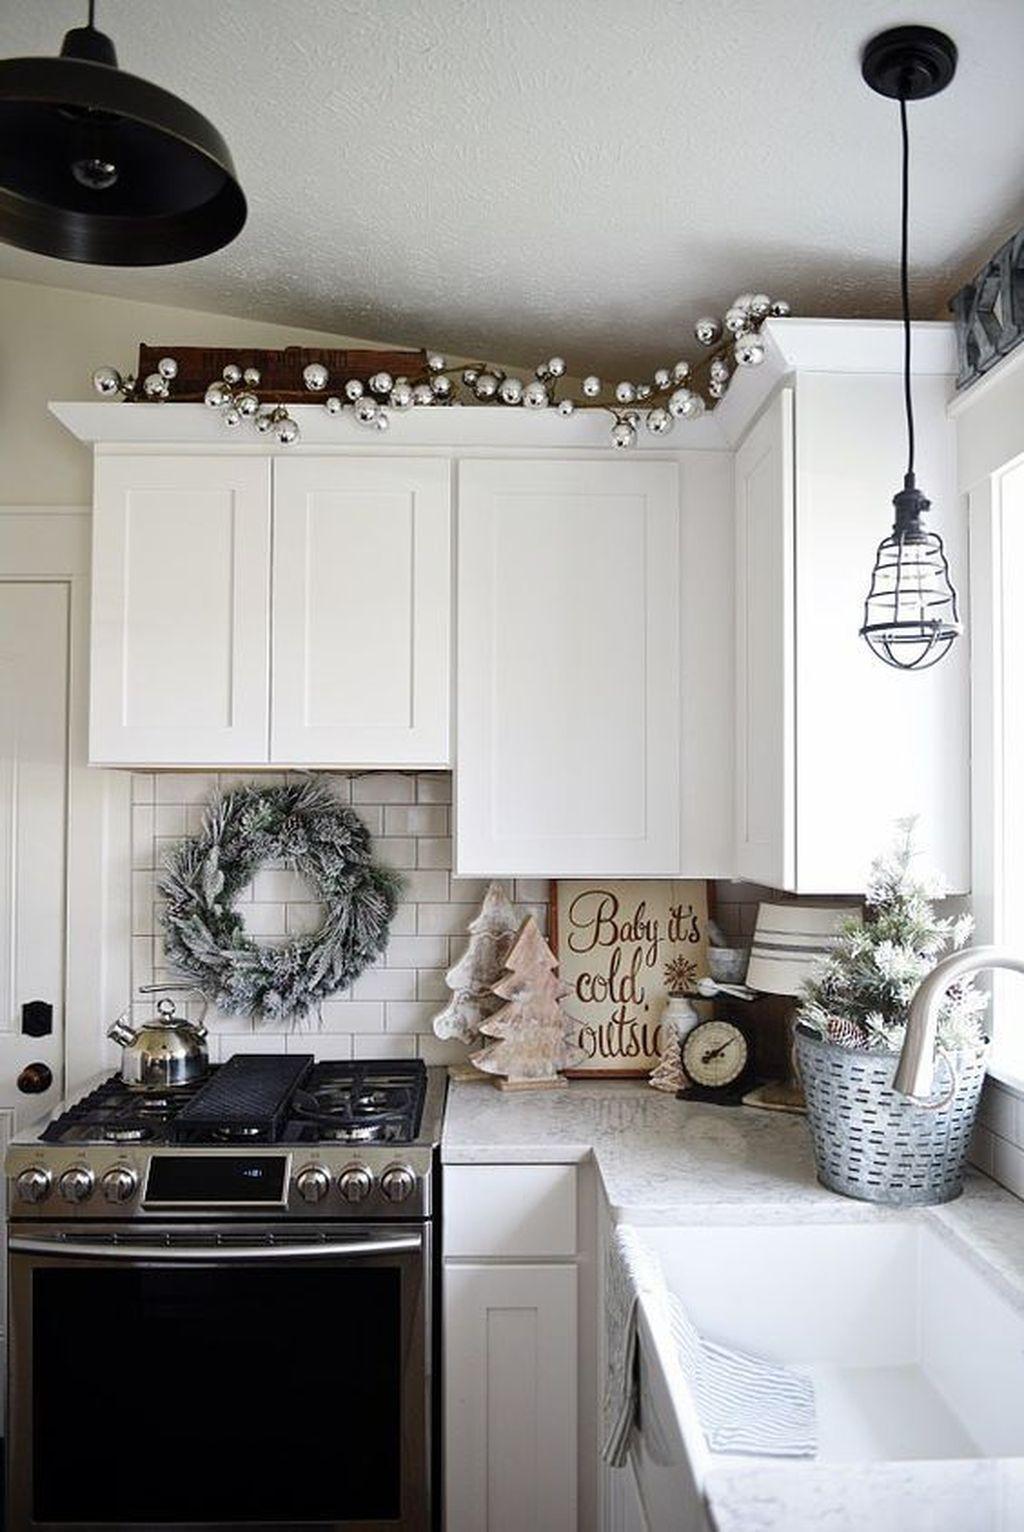 Awesome Christmas Theme Kitchen Decor Ideas 02